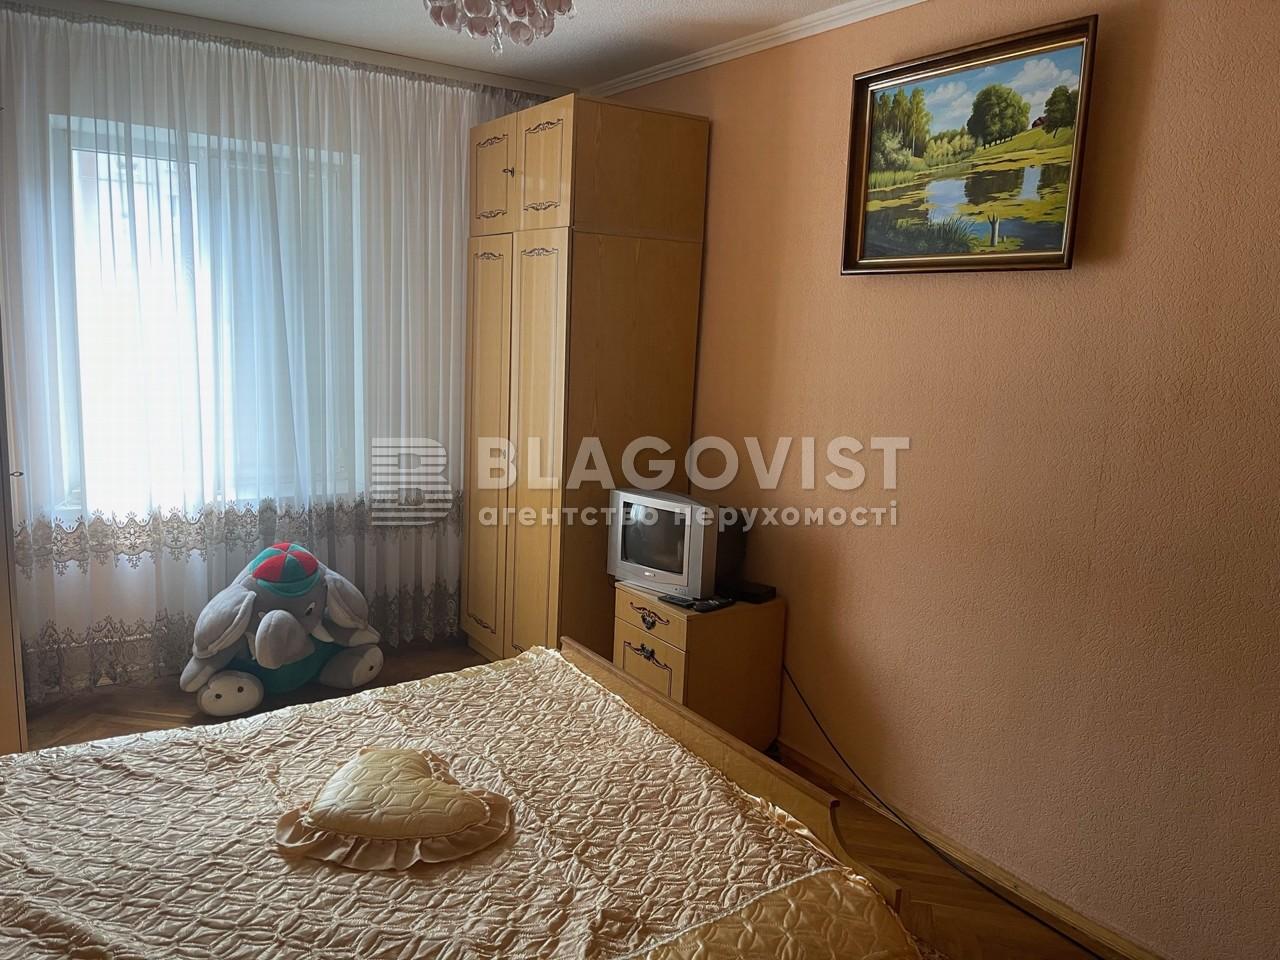 Квартира R-37882, Маяковского Владимира просп., 65, Киев - Фото 10